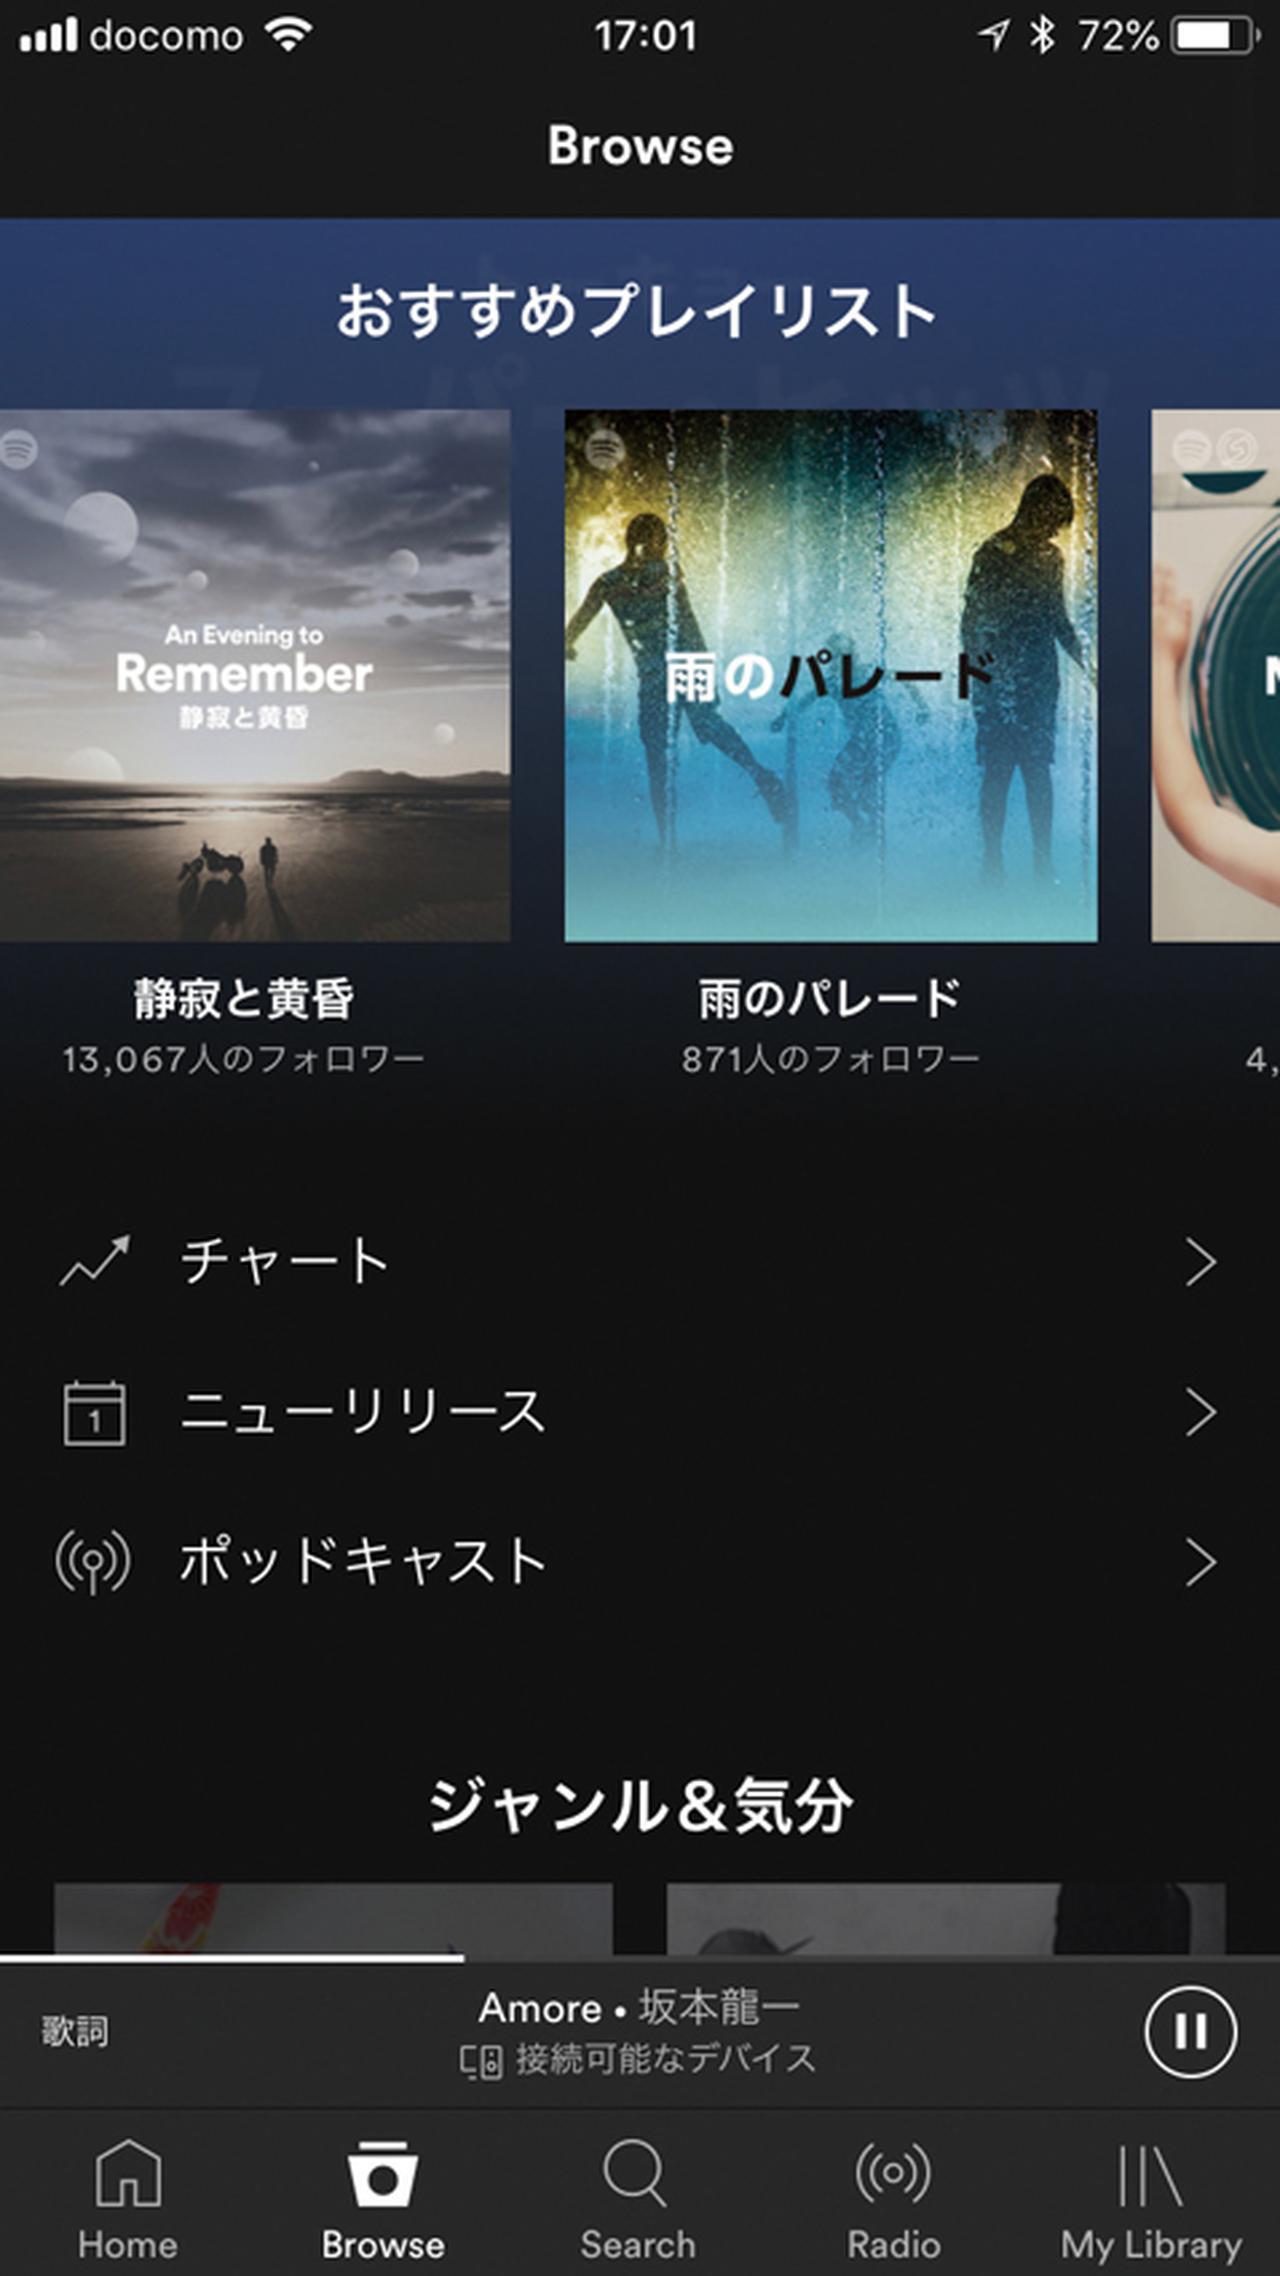 画像2: ❶無料で国内外の4000万曲が聴き放題になるアプリ